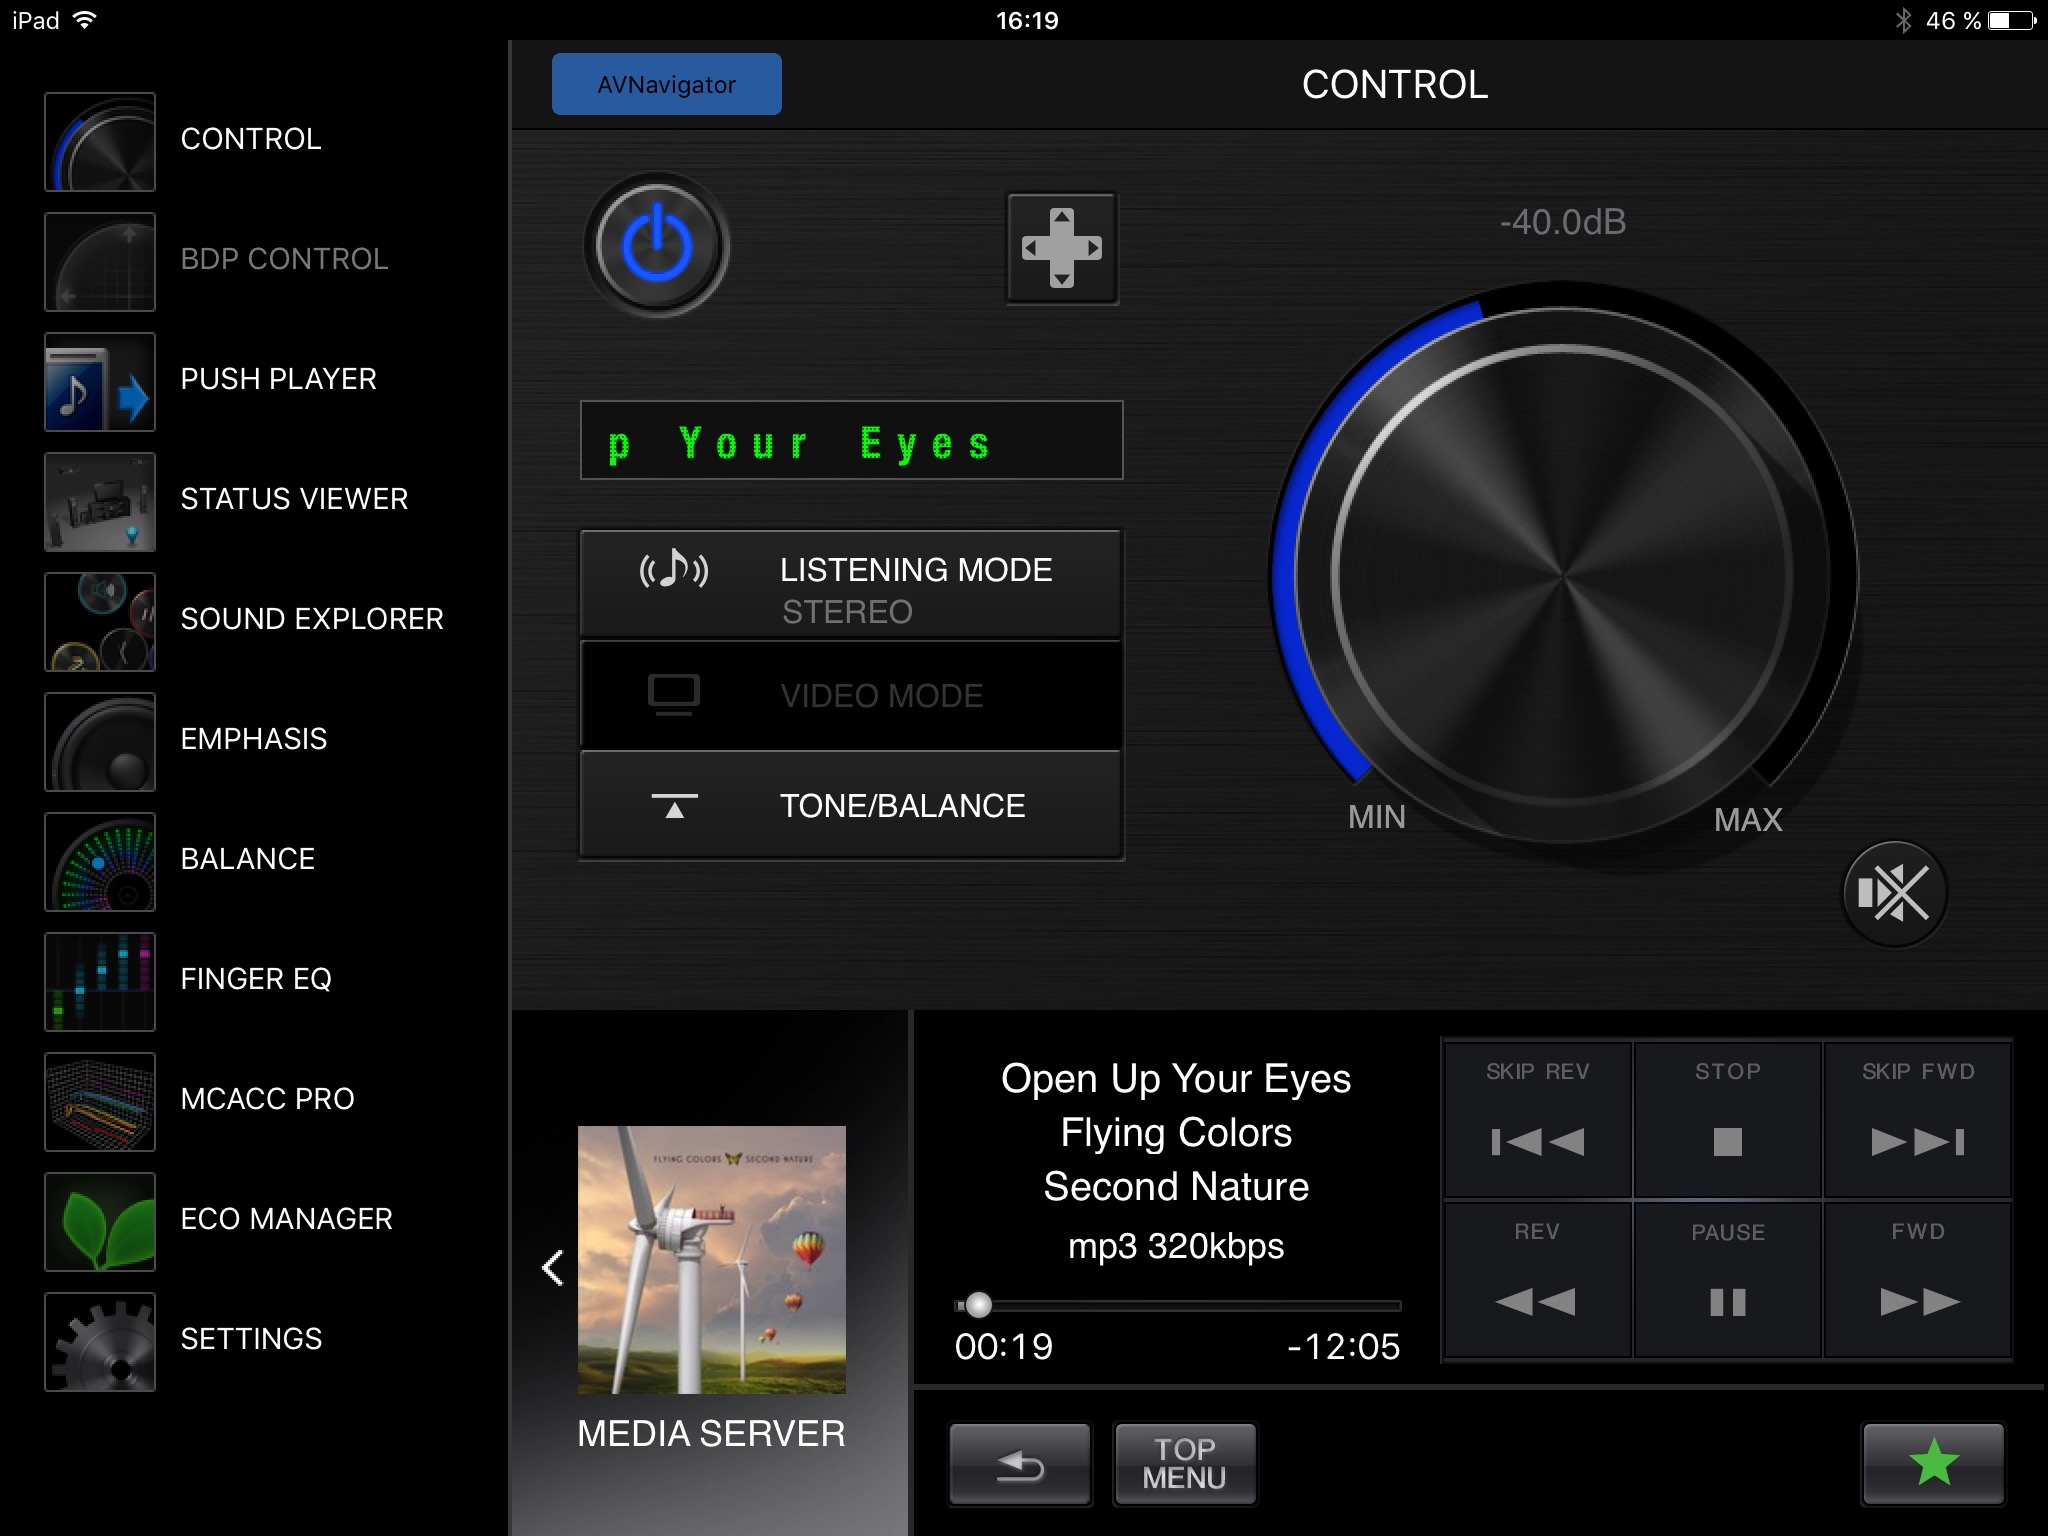 I appens kontrollpanel kan du fjärrstyra allt och även spela upp strömmande underhållning direkt från andra medieenheter. Om du ställer receivern i Media Server-läge kan du även strömma film och musik direkt till den från din mobiltelefon.